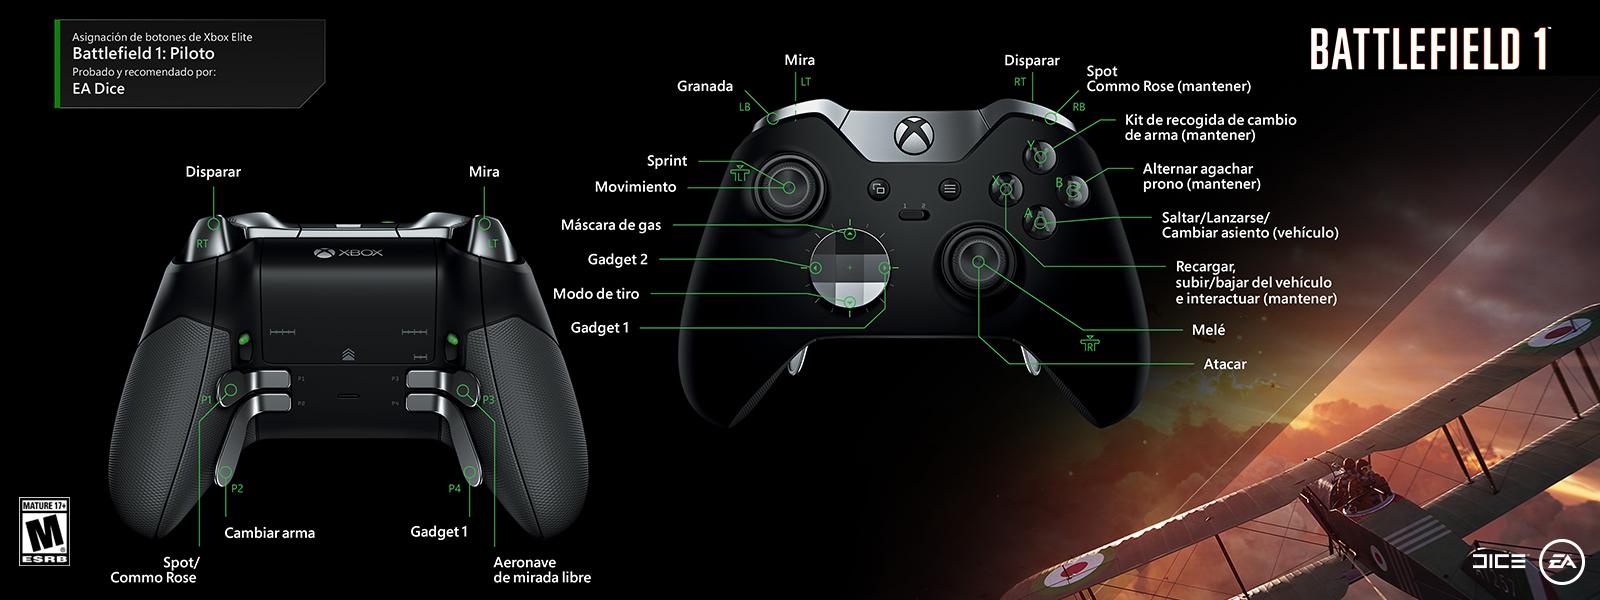 Battlefield 1: piloto (asignación de funciones del control Elite)